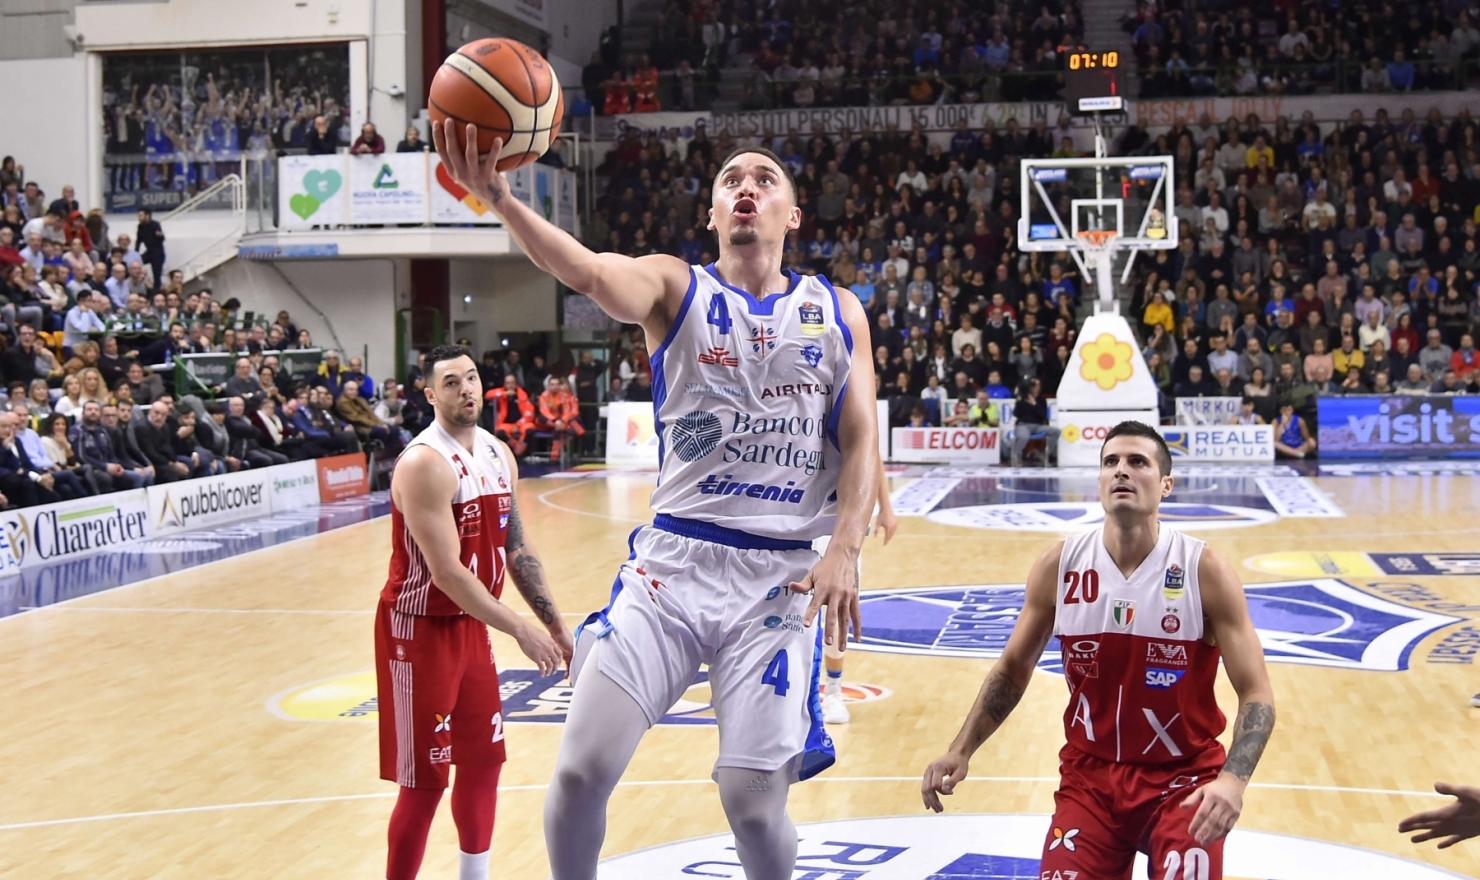 La Dinamo fa tremare l'imbattuta capolista Olimpia che viola il PalaSerradimigni di 1 punto dopo un supplementare: 107 a 106.